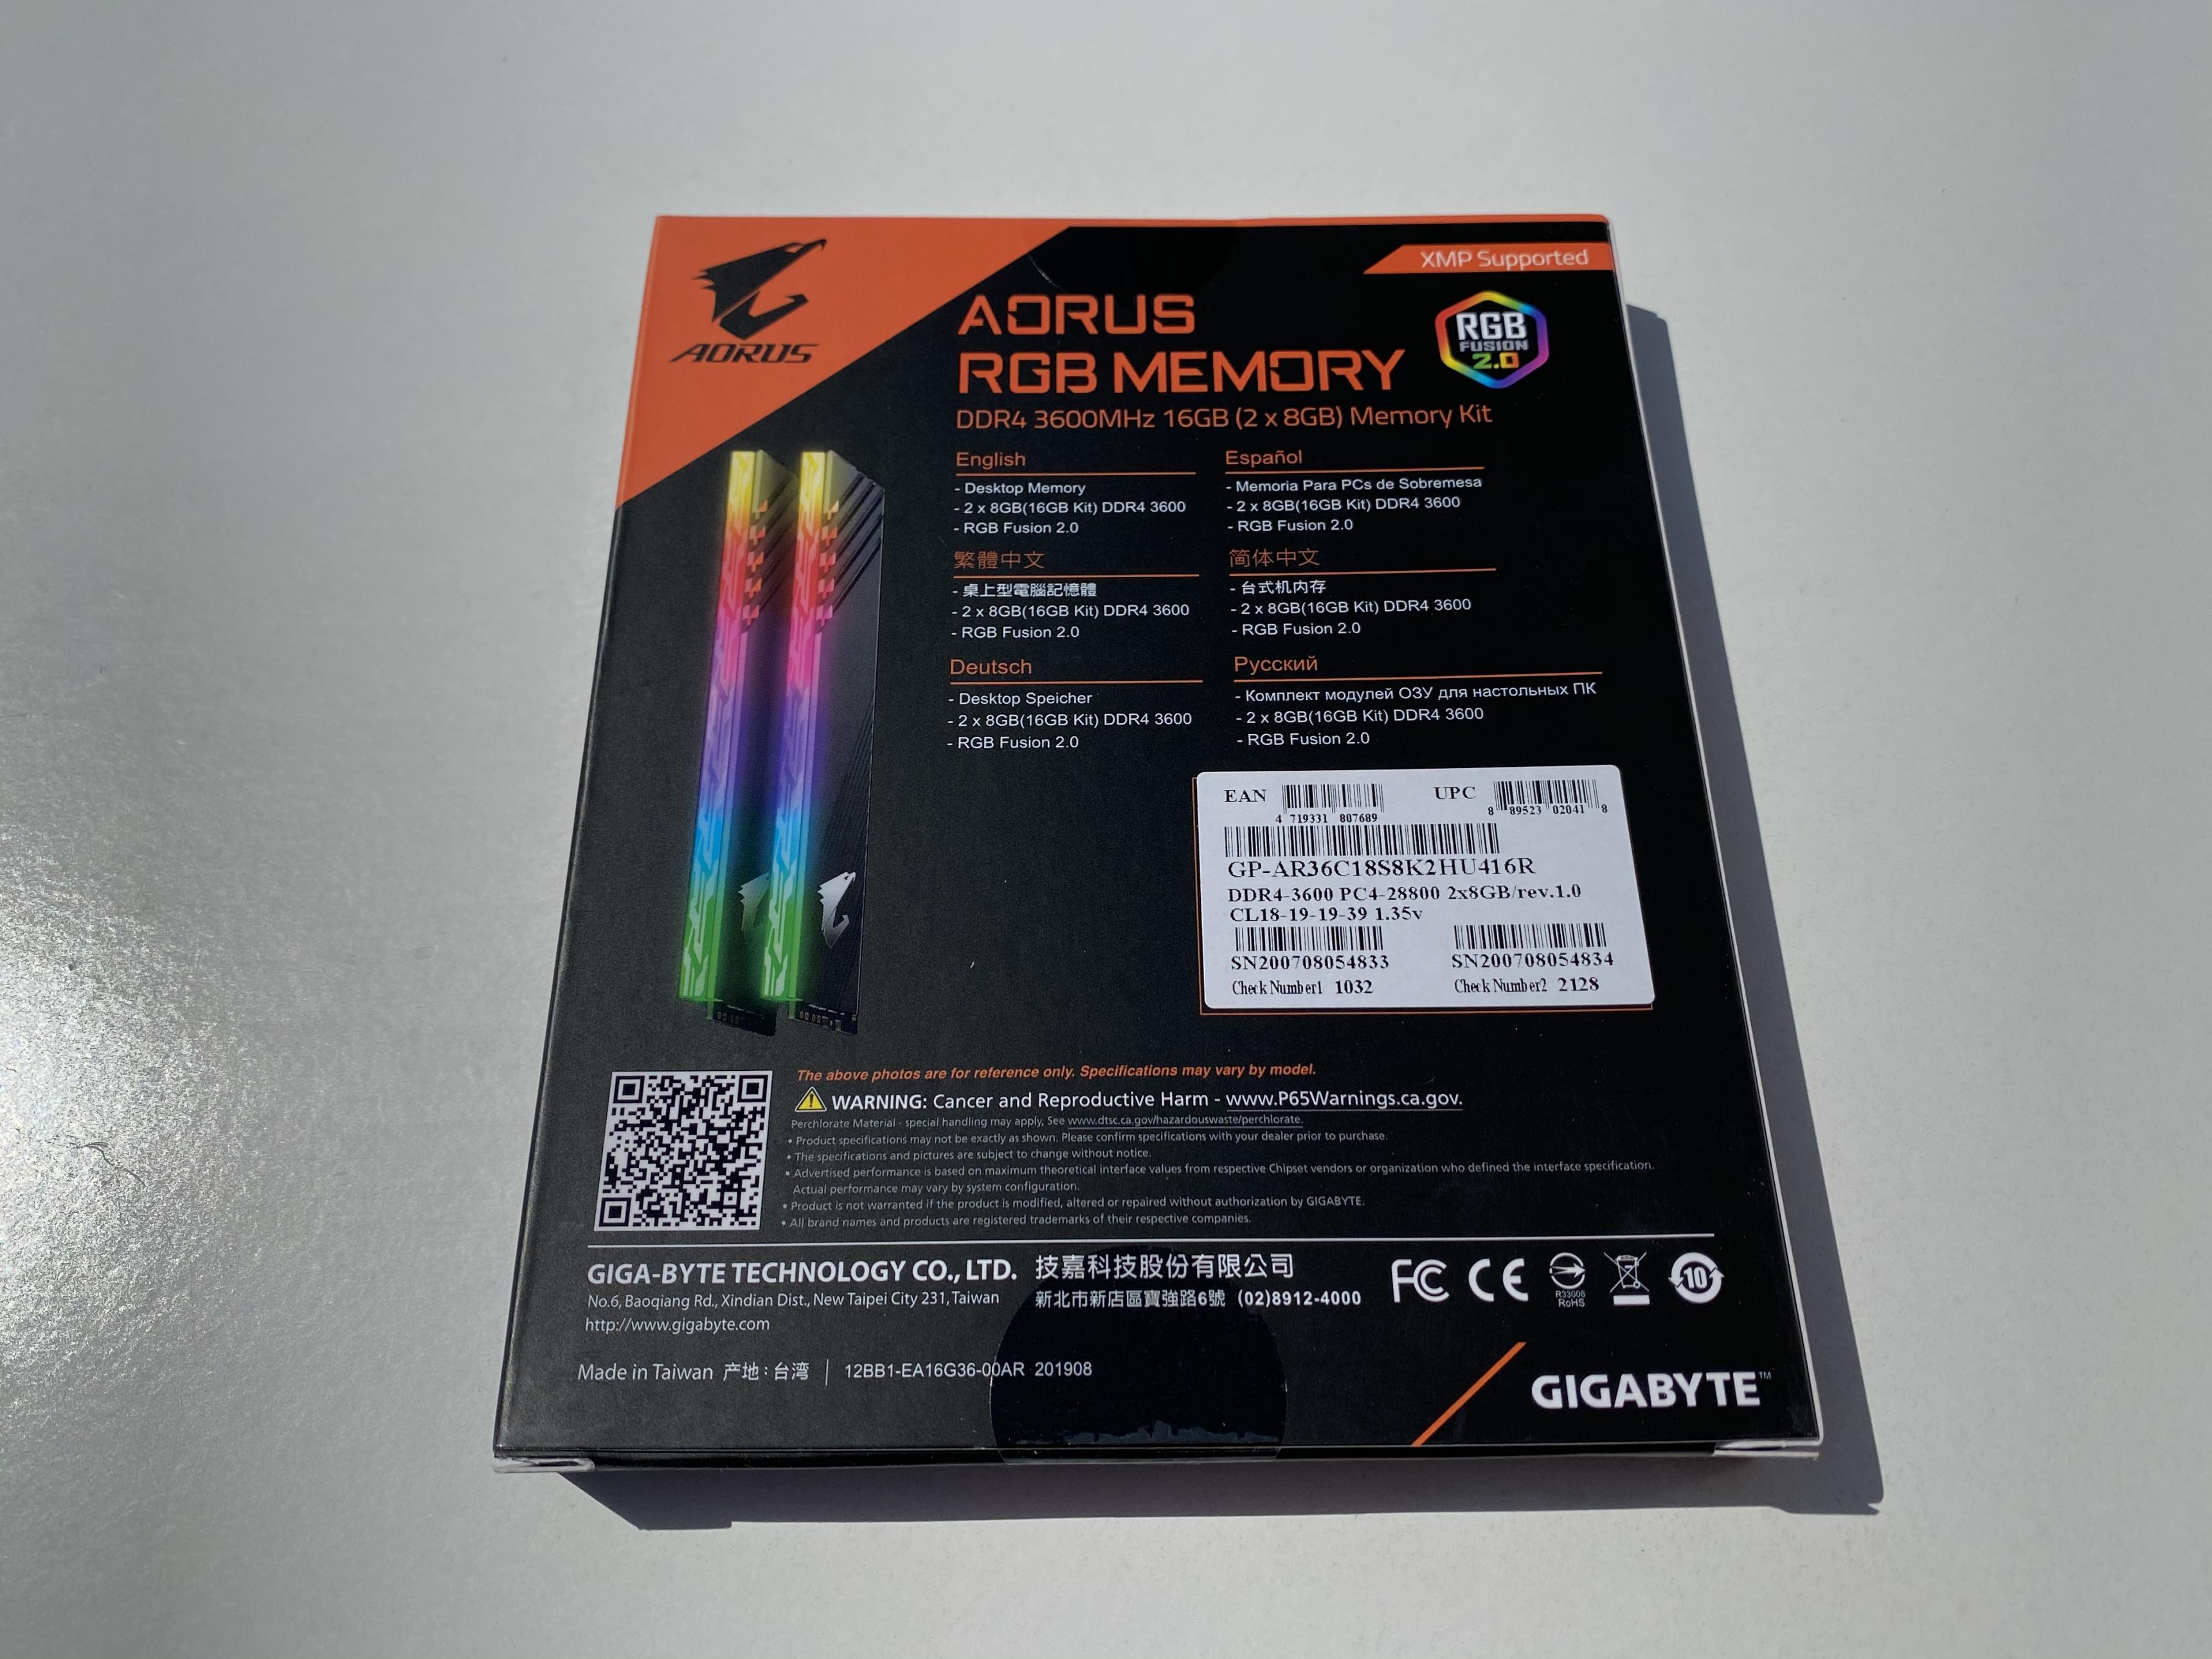 Aorus RGB Memory Review